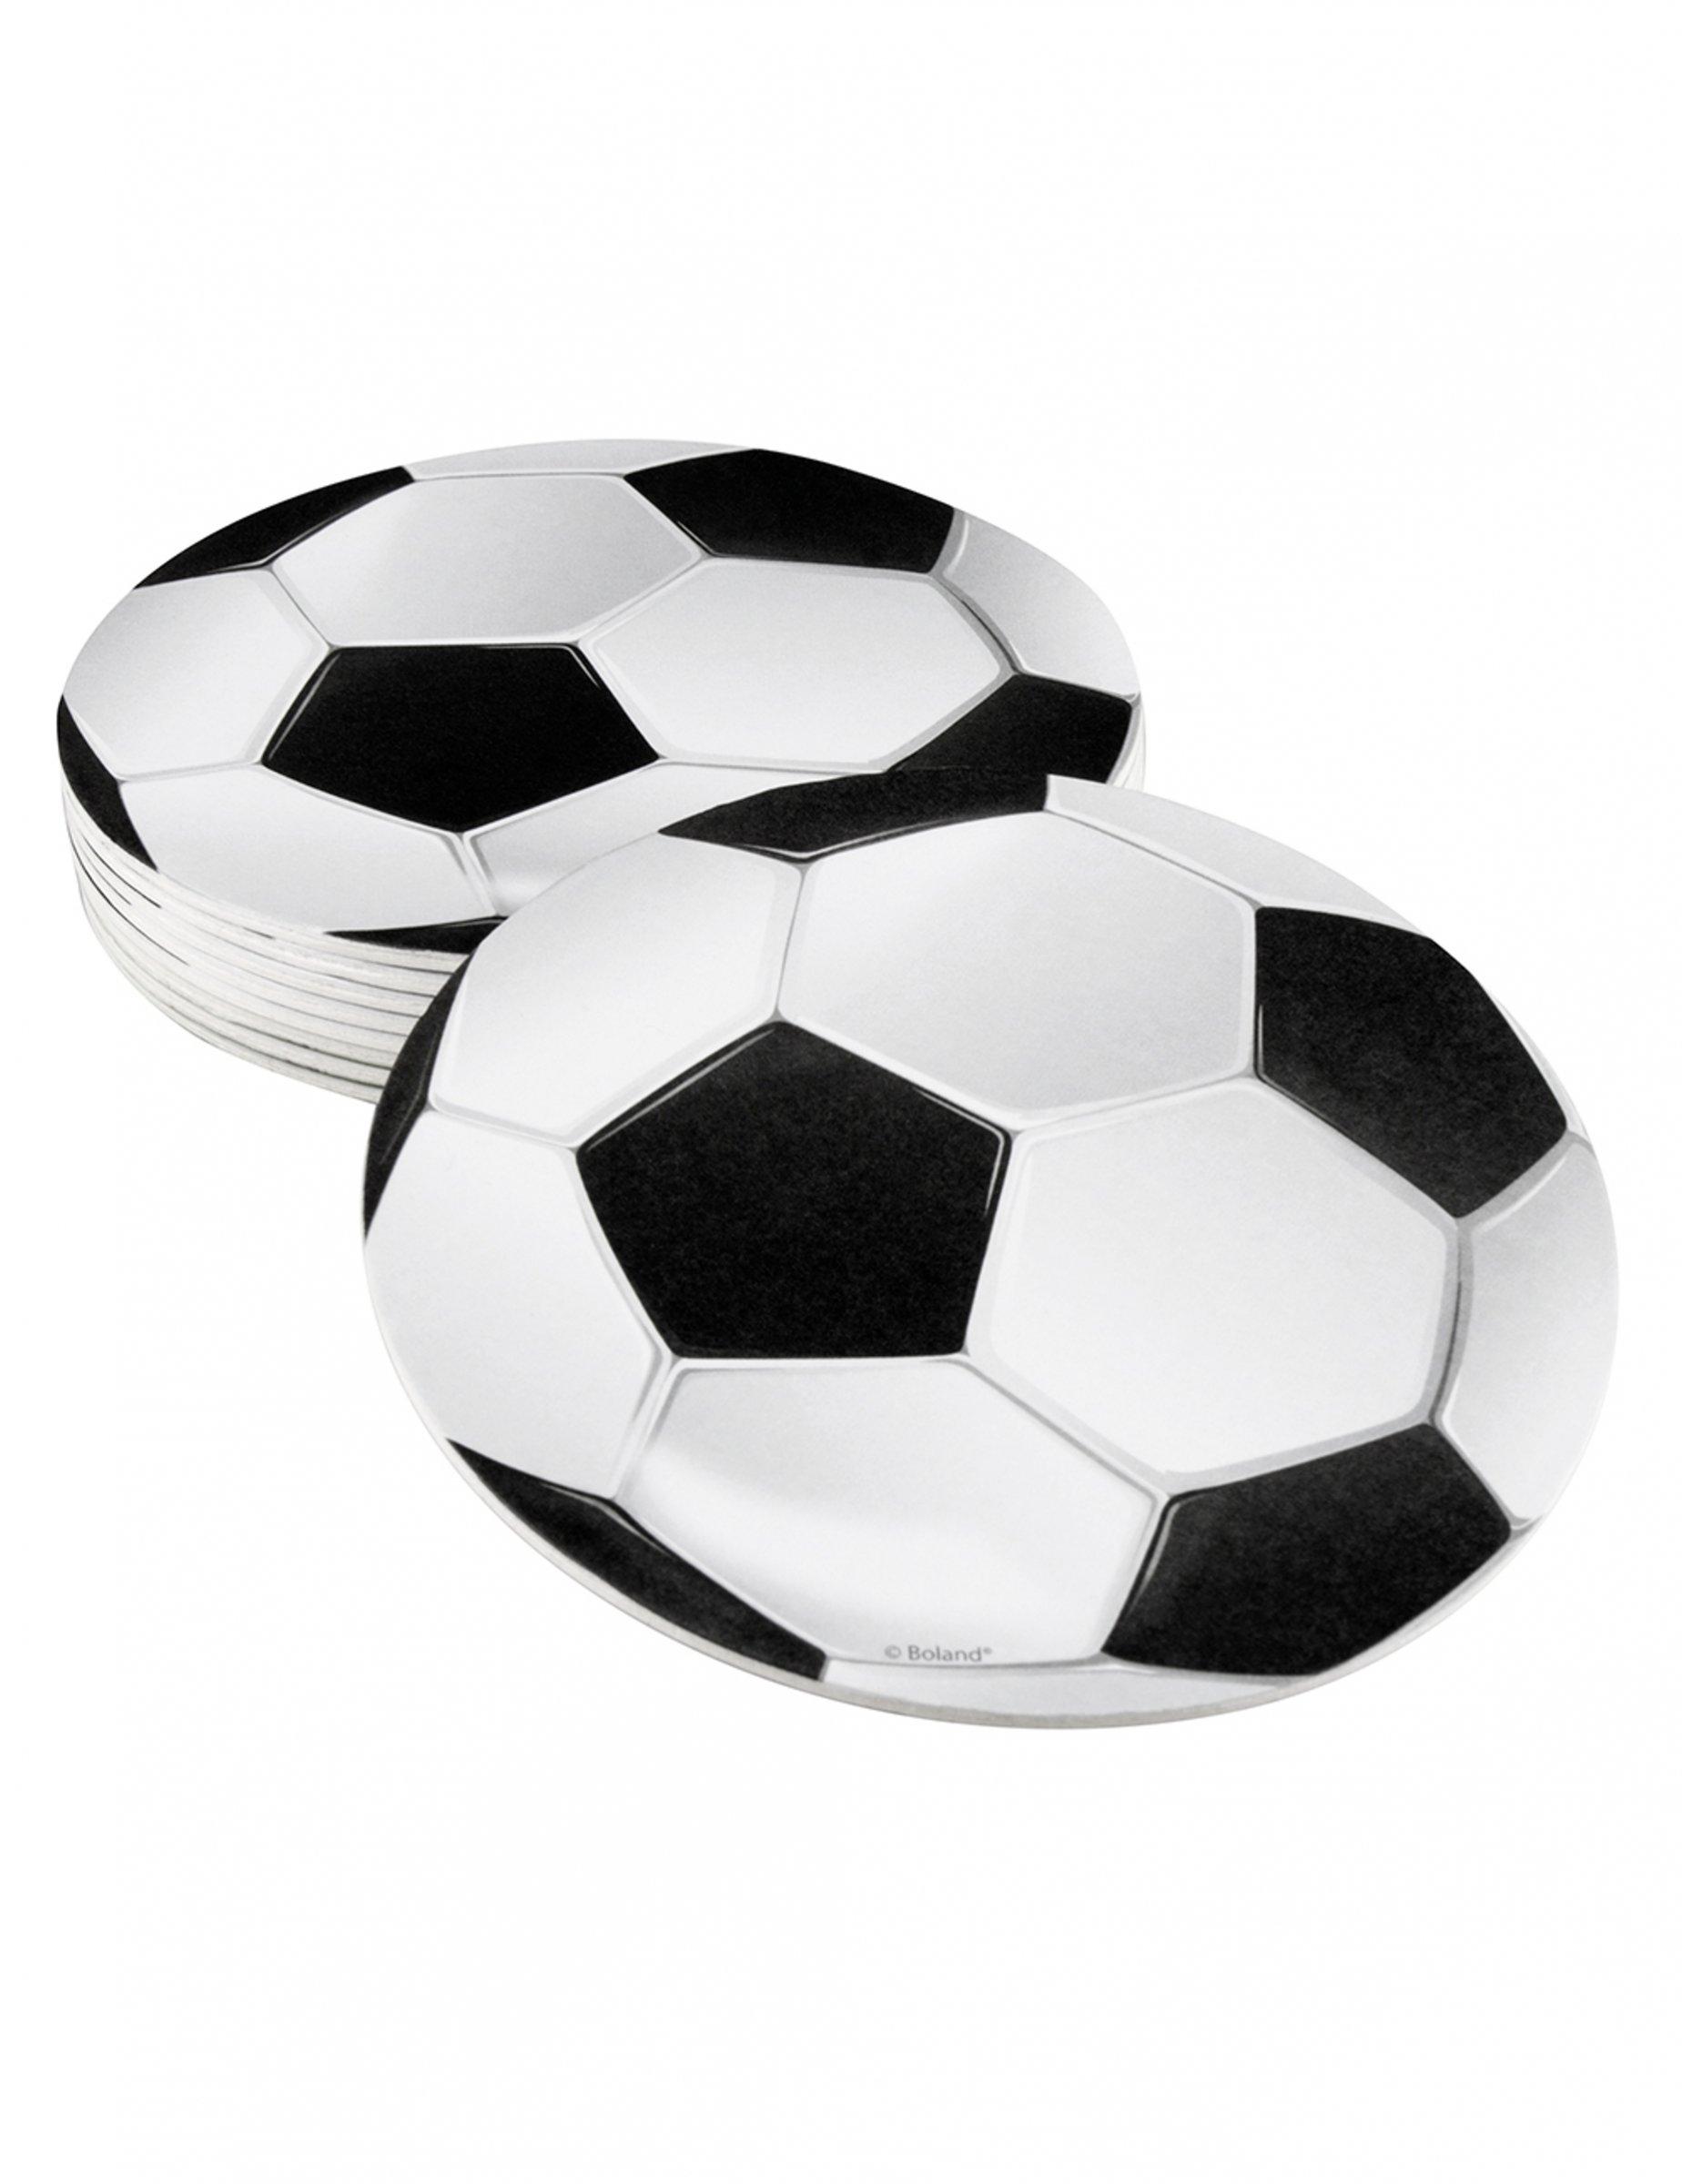 fussball tischunterleger 6 st ck schwarz weiss 10 cm partydeko und g nstige faschingskost me. Black Bedroom Furniture Sets. Home Design Ideas